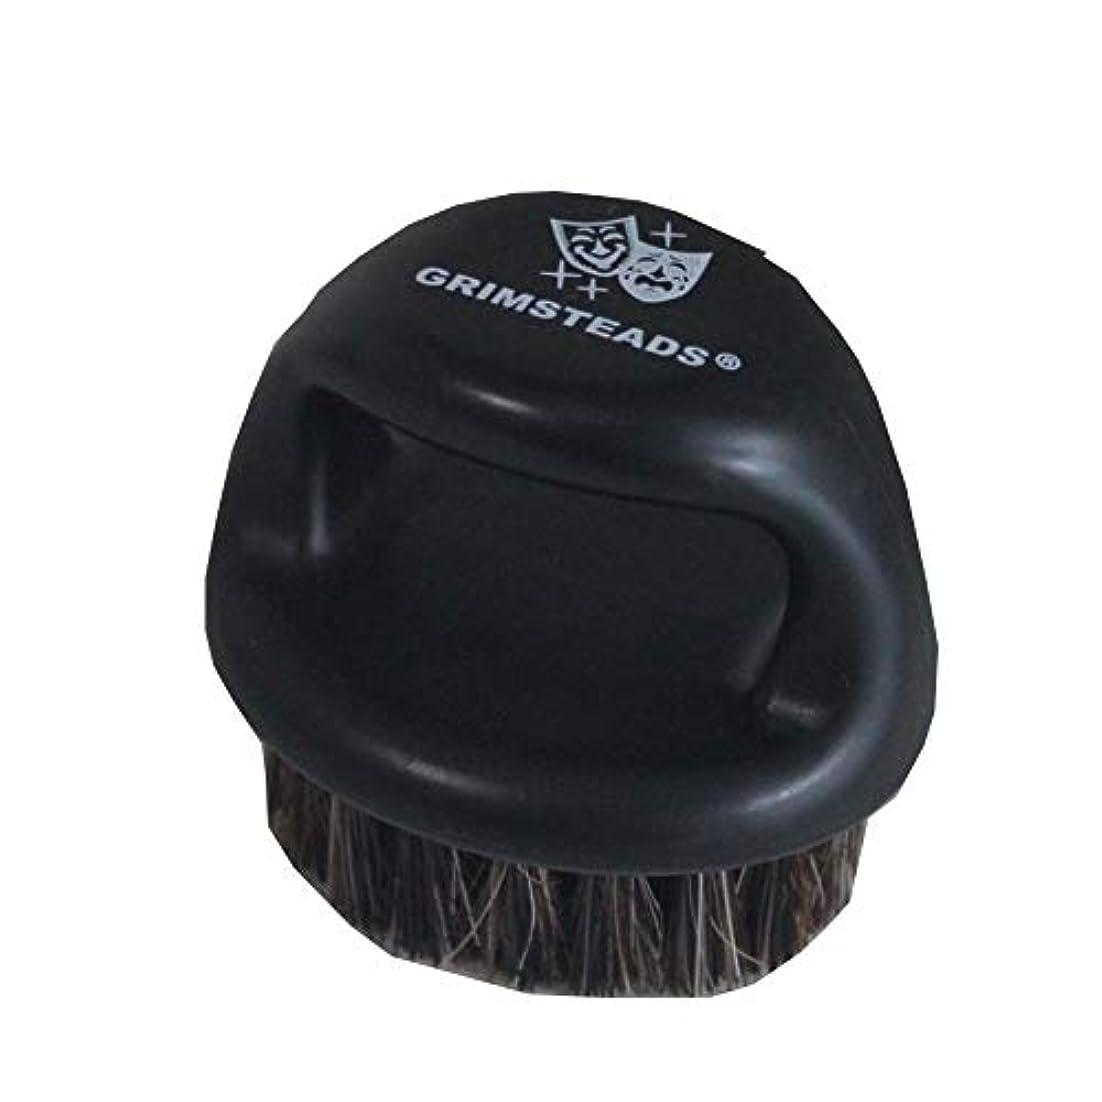 トランペット不適の中でFADE BRUSH フェードブラシ GRIMSTEADS 美容室 理容室 BARBER